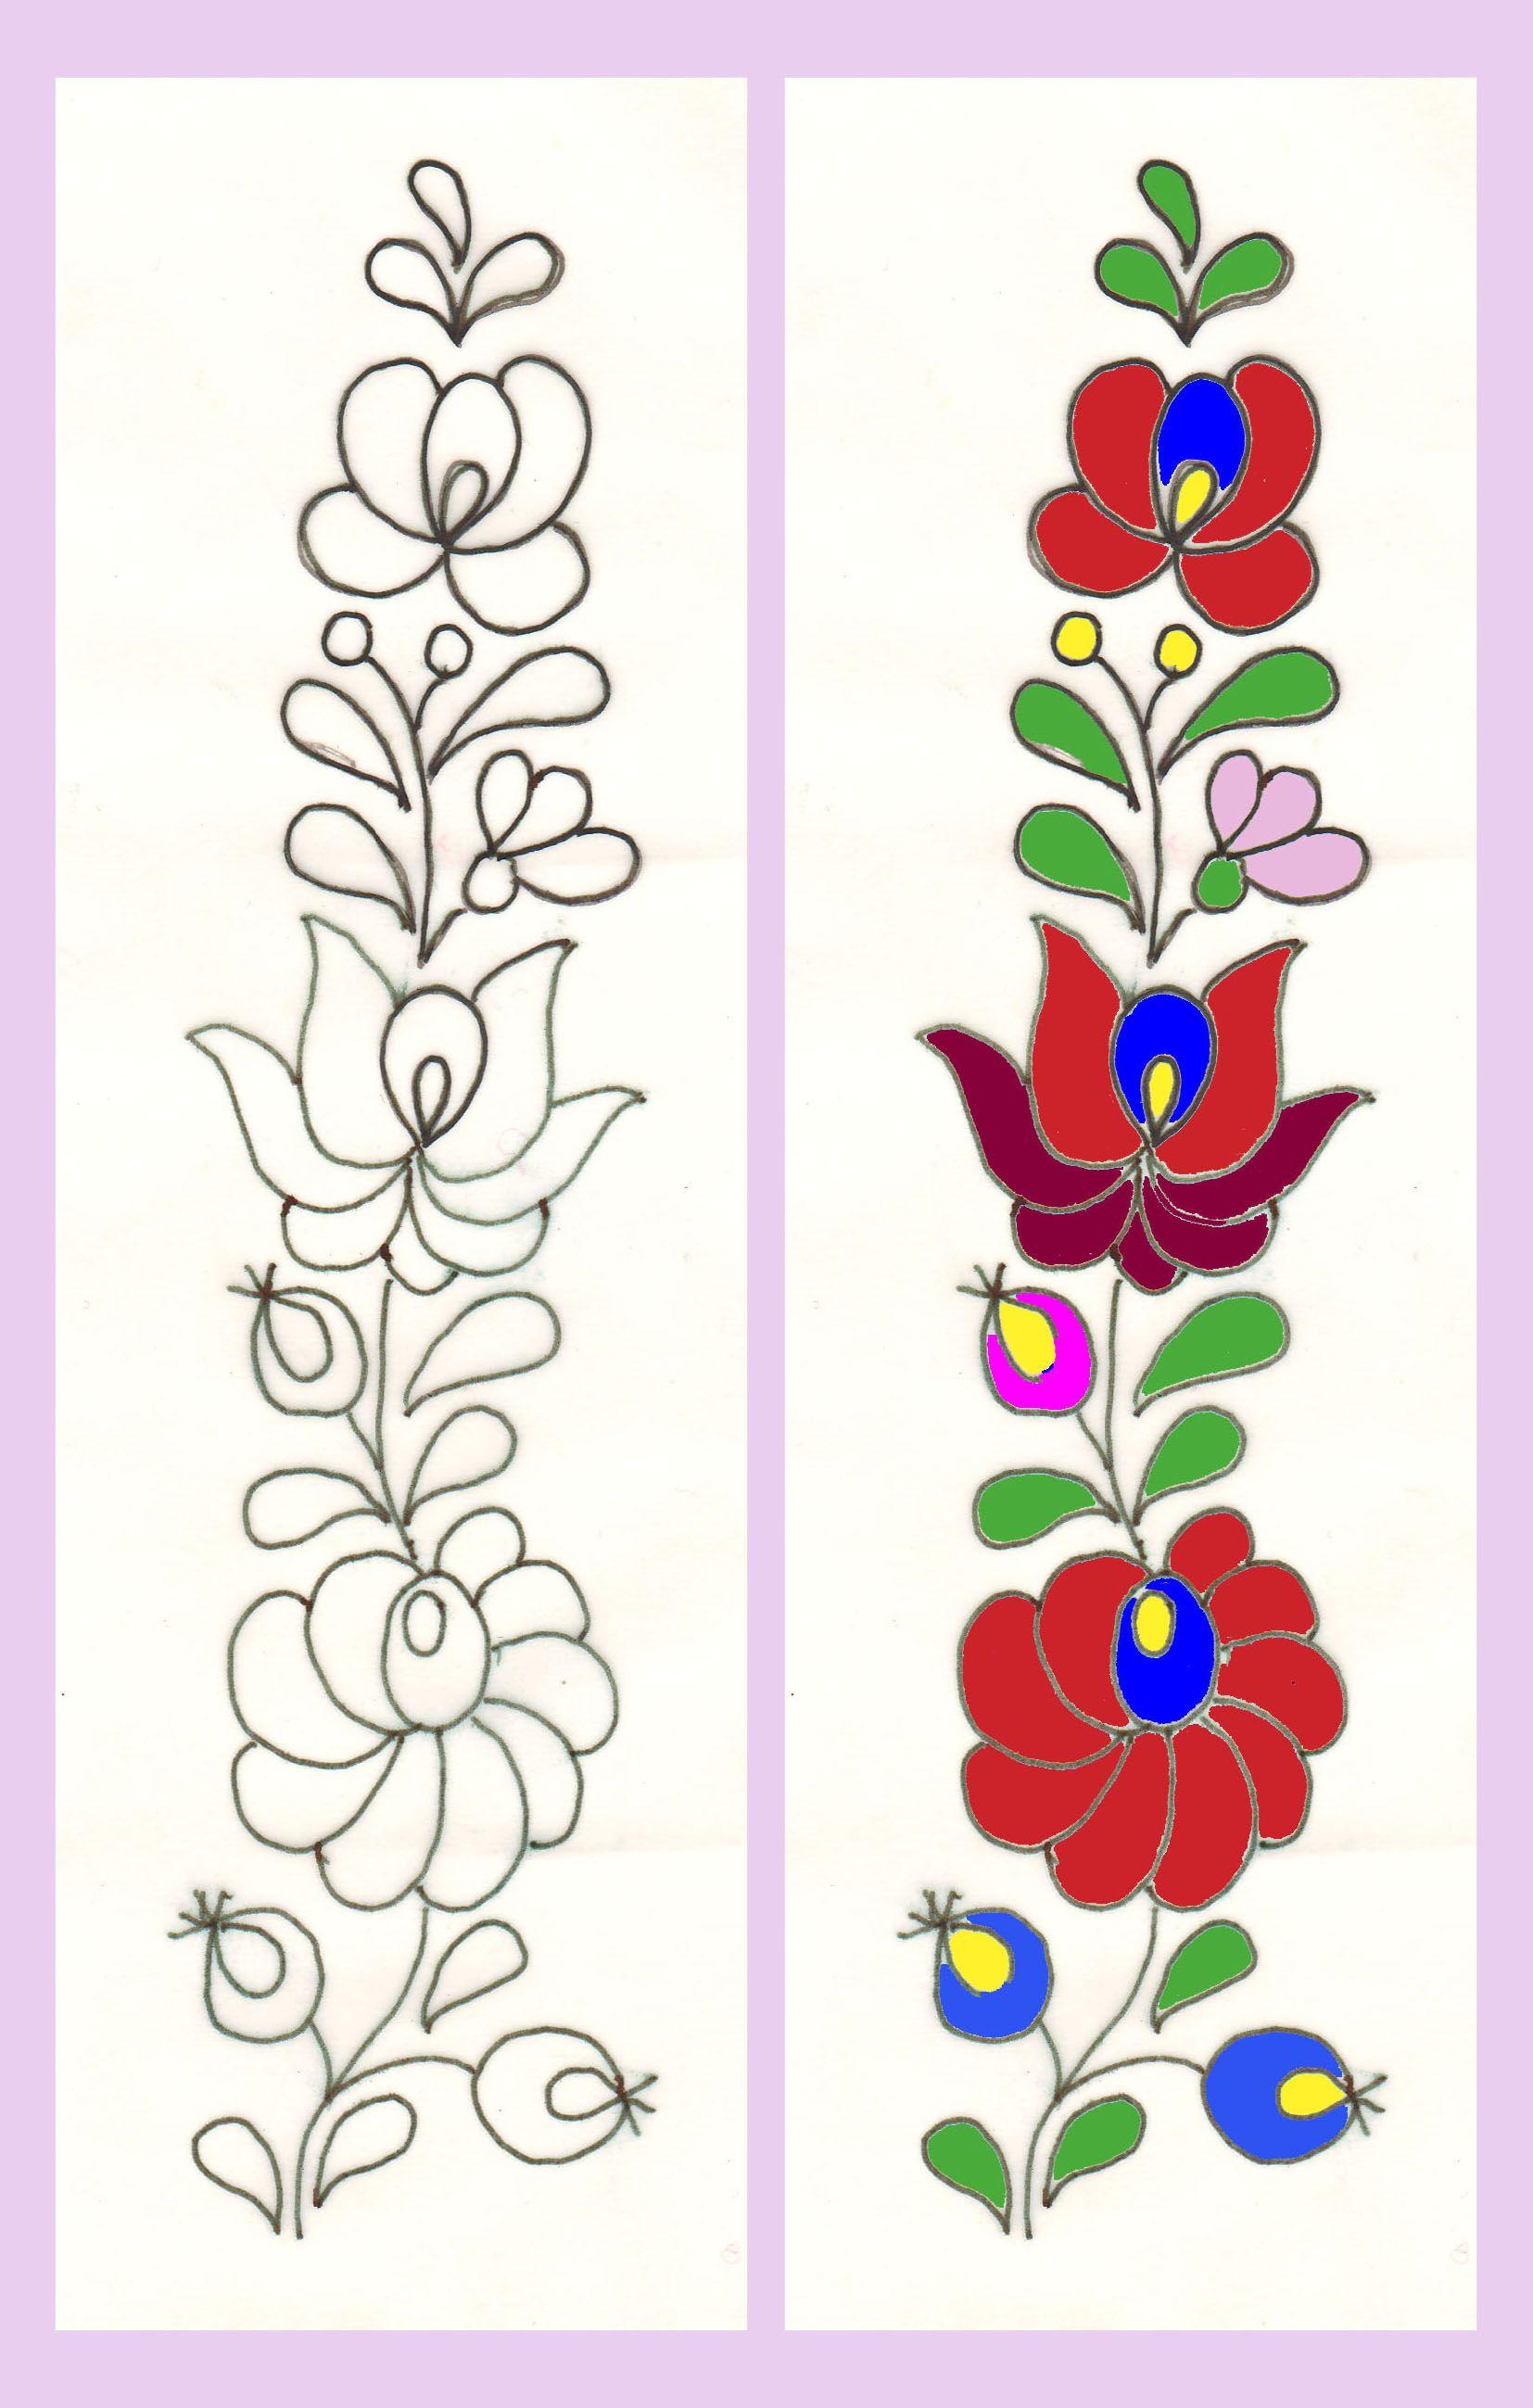 Dibujos y plantillas para imprimir dibujos de flores para - Plantillas cenefas para pintar ...